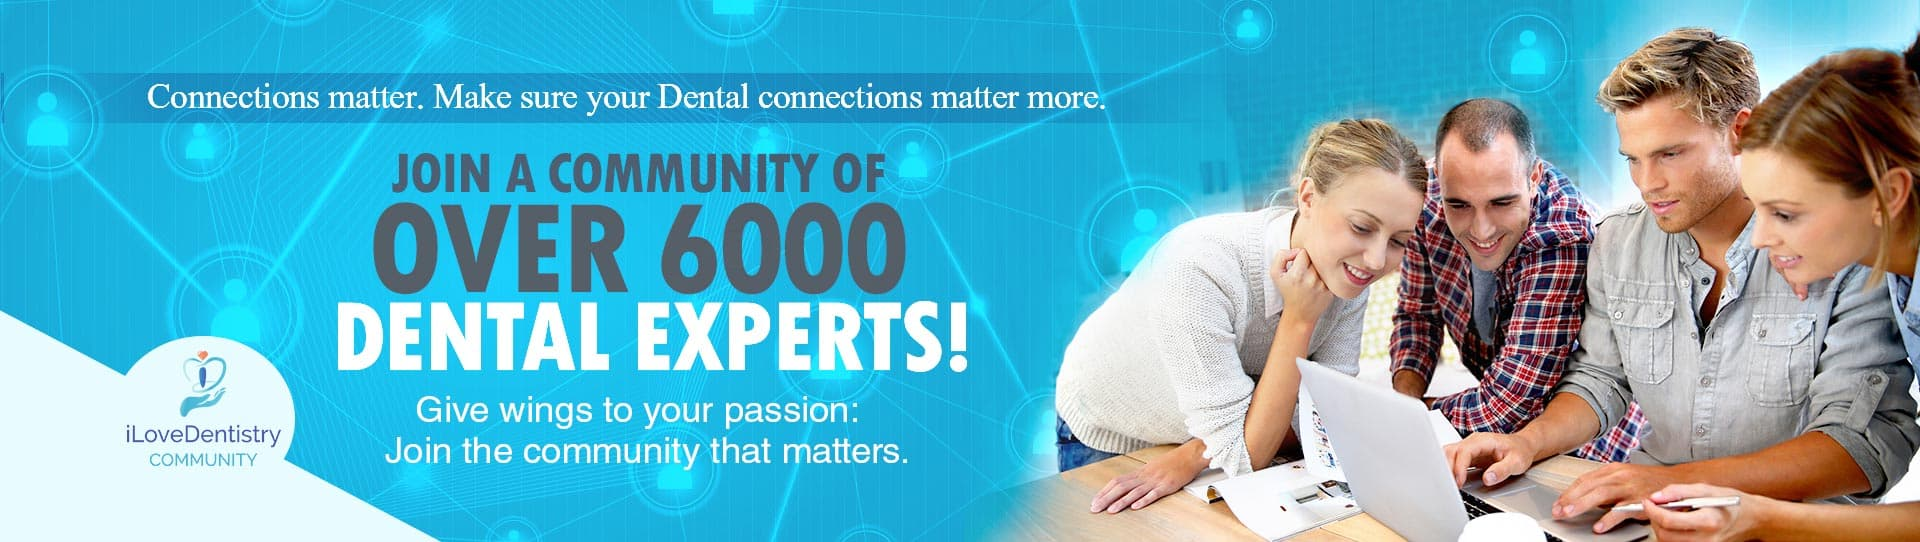 Over 4300 Dental Experts